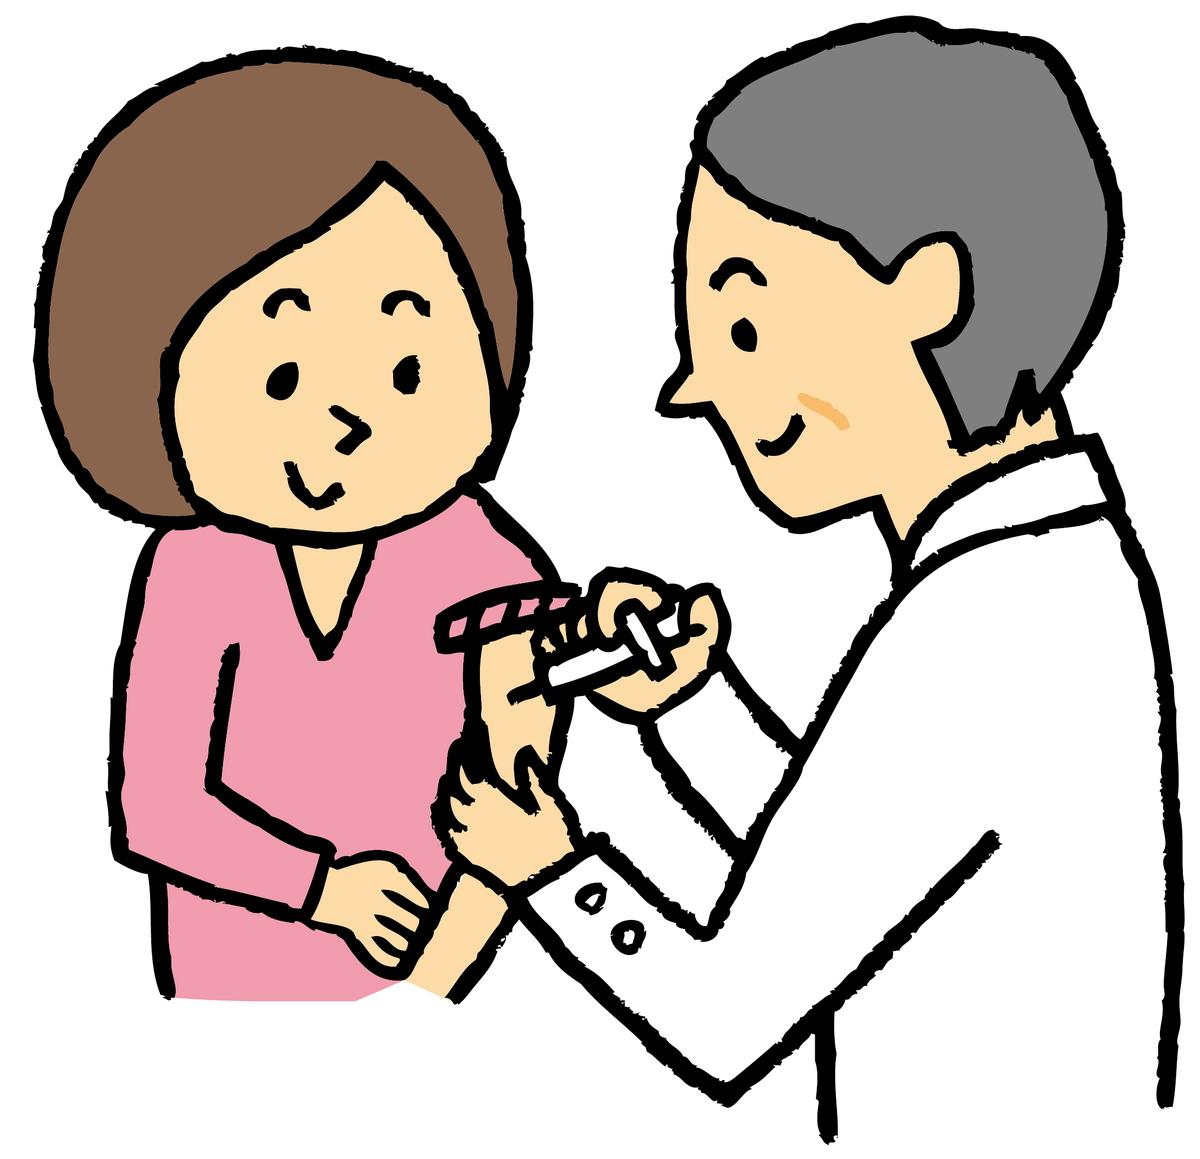 f:id:nishitokyochuogeneralhospital:20191029084858j:plain